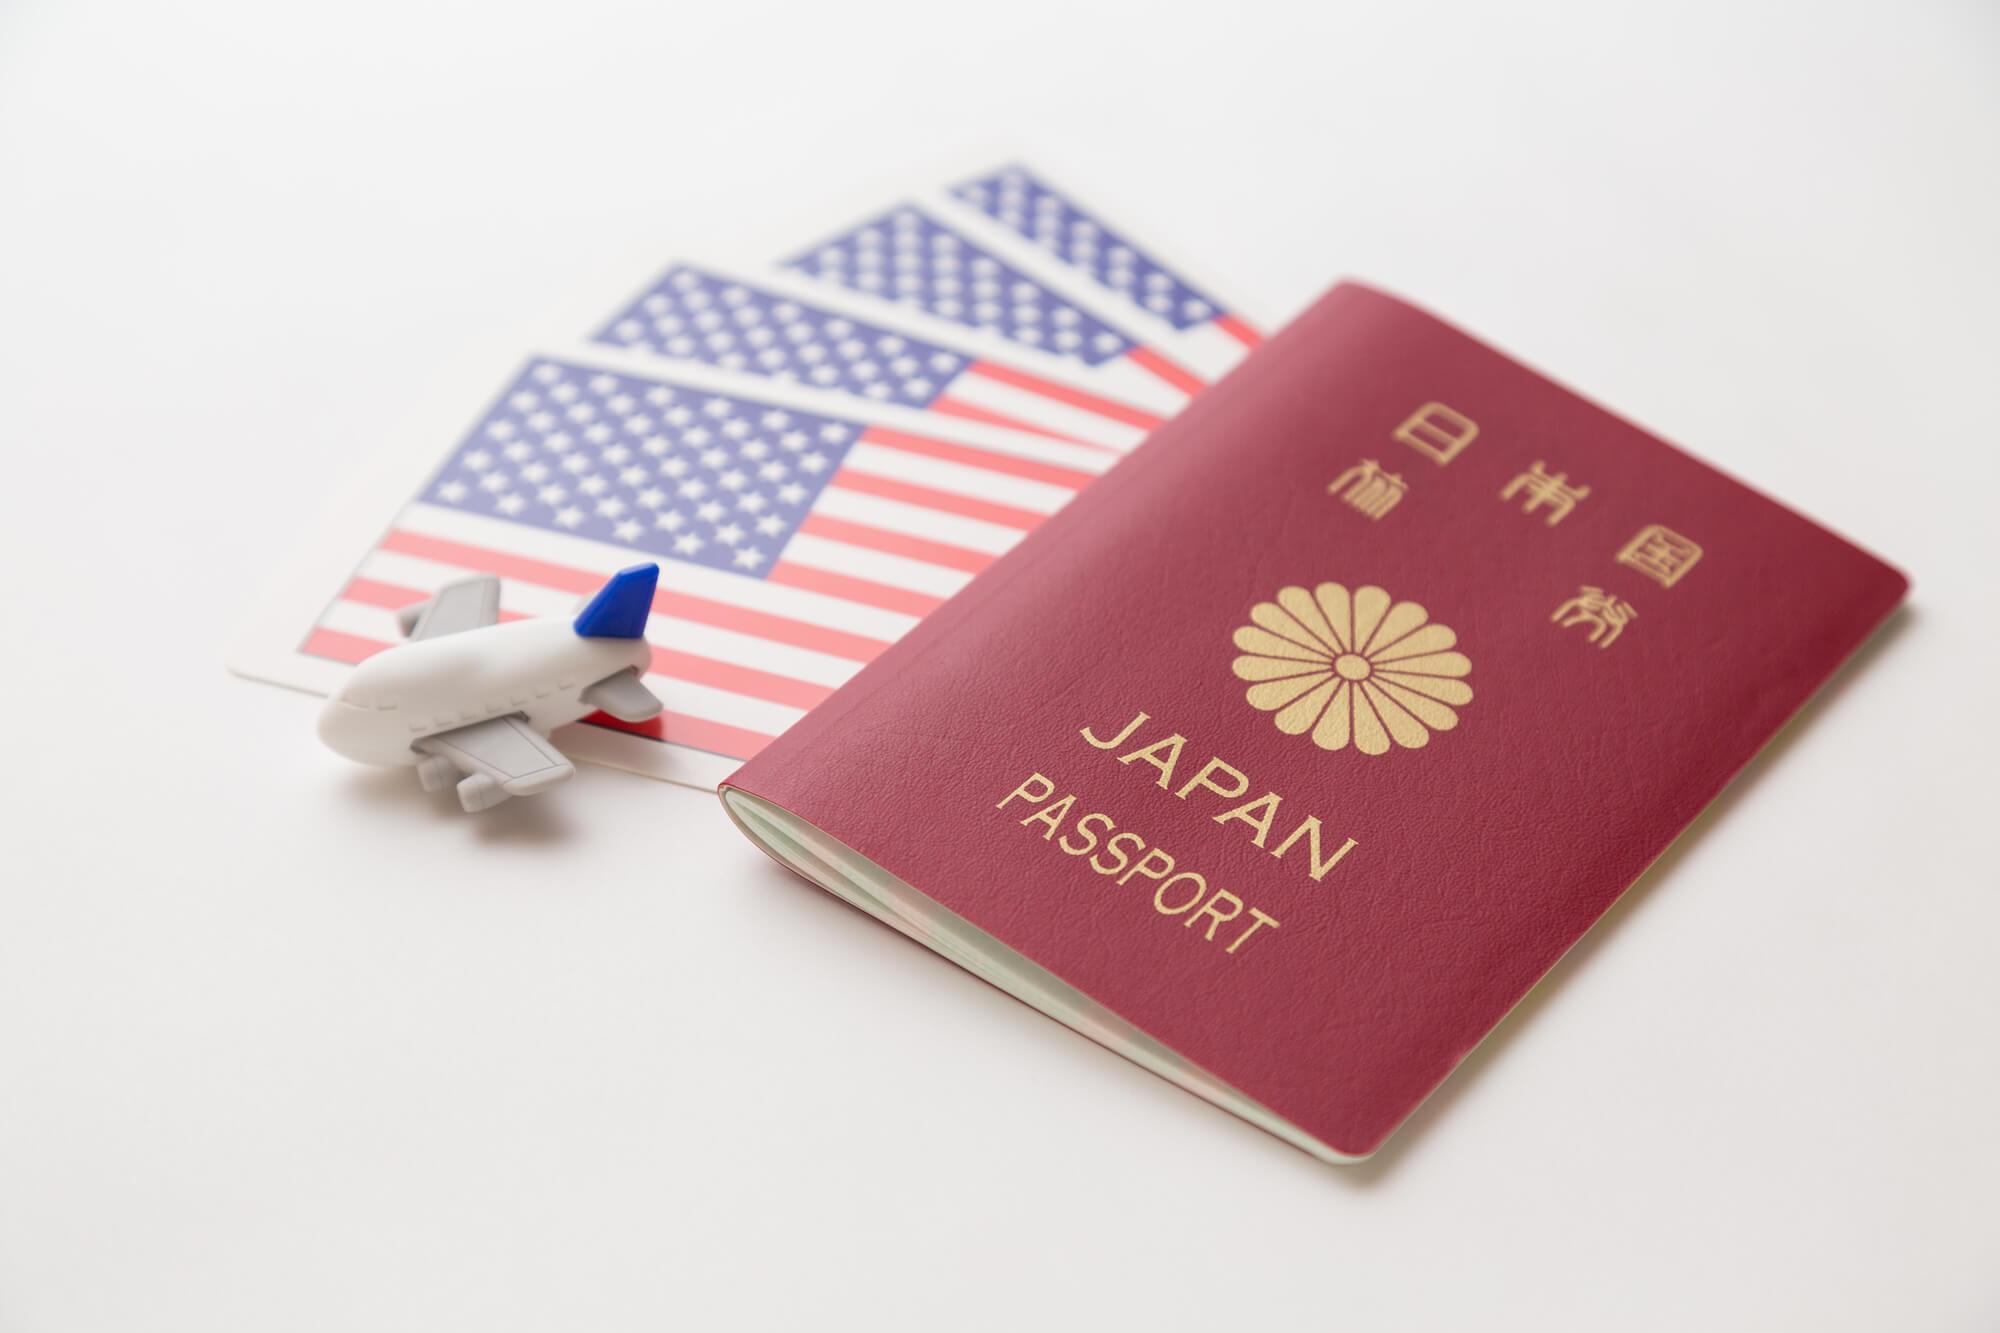 アメリカ留学前の準備費用